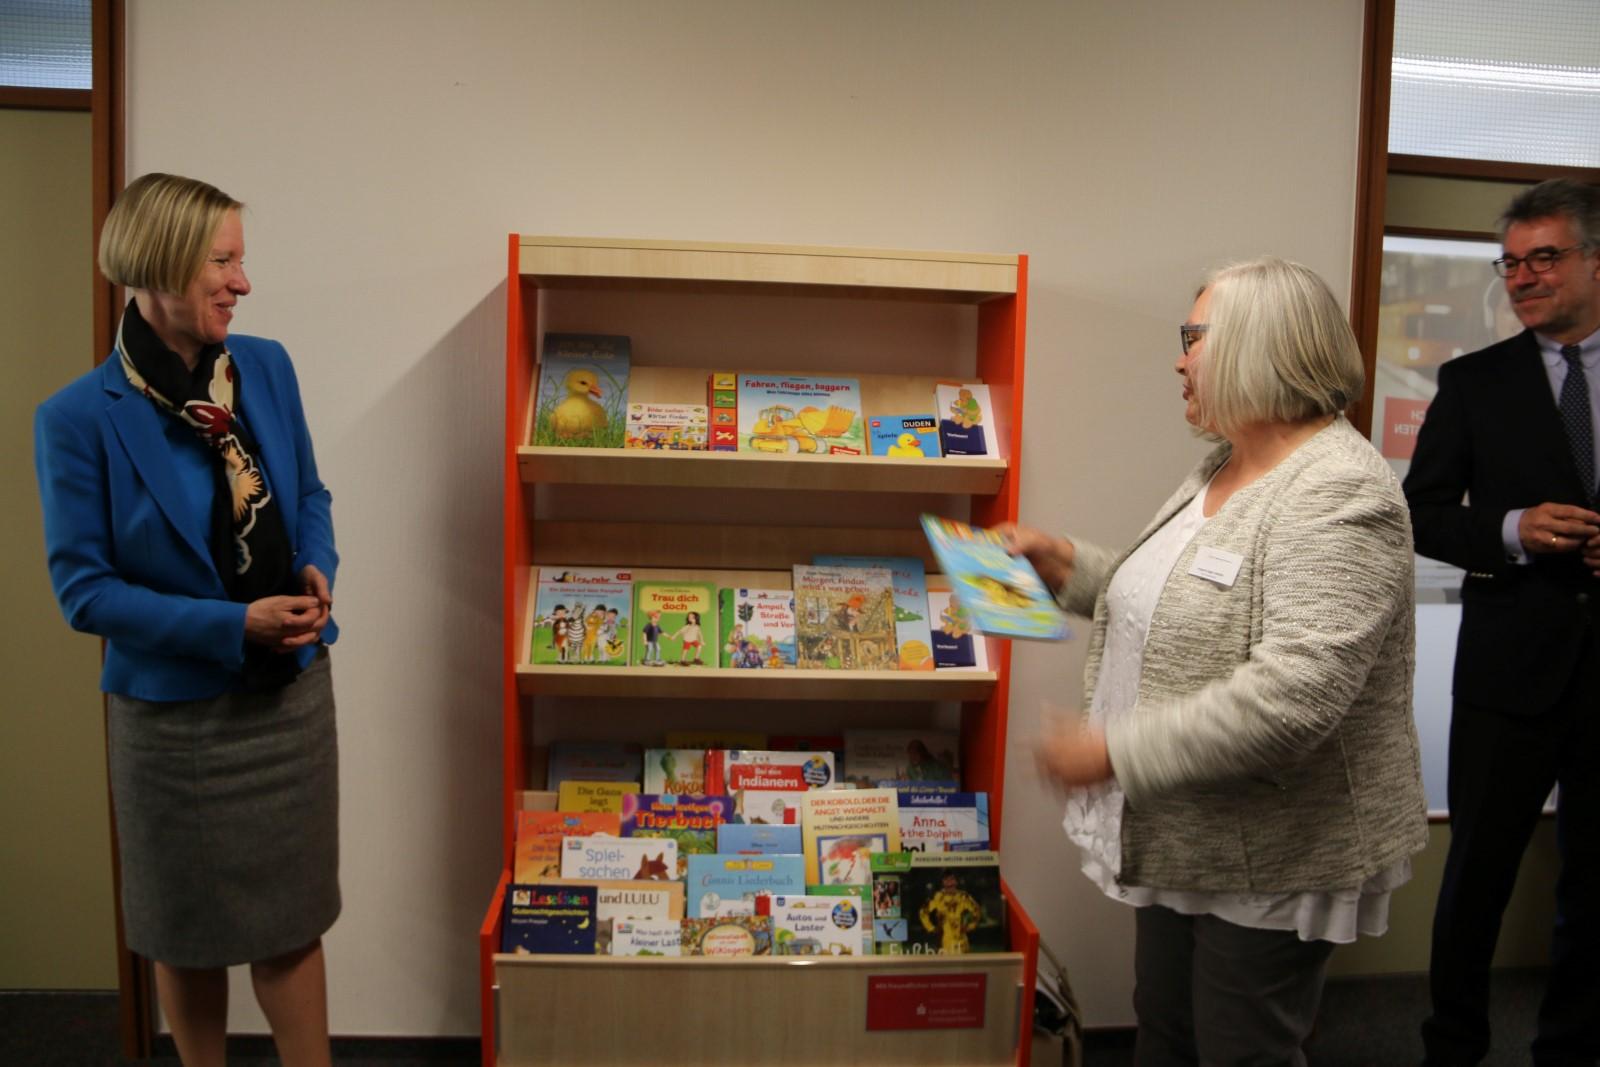 Irmgard Jäger-Stiehle, Vorsitzende des Frauen-Begegnungs-Zentrums Sigmaringen, legte ebenfalls Bücher in das Regal.